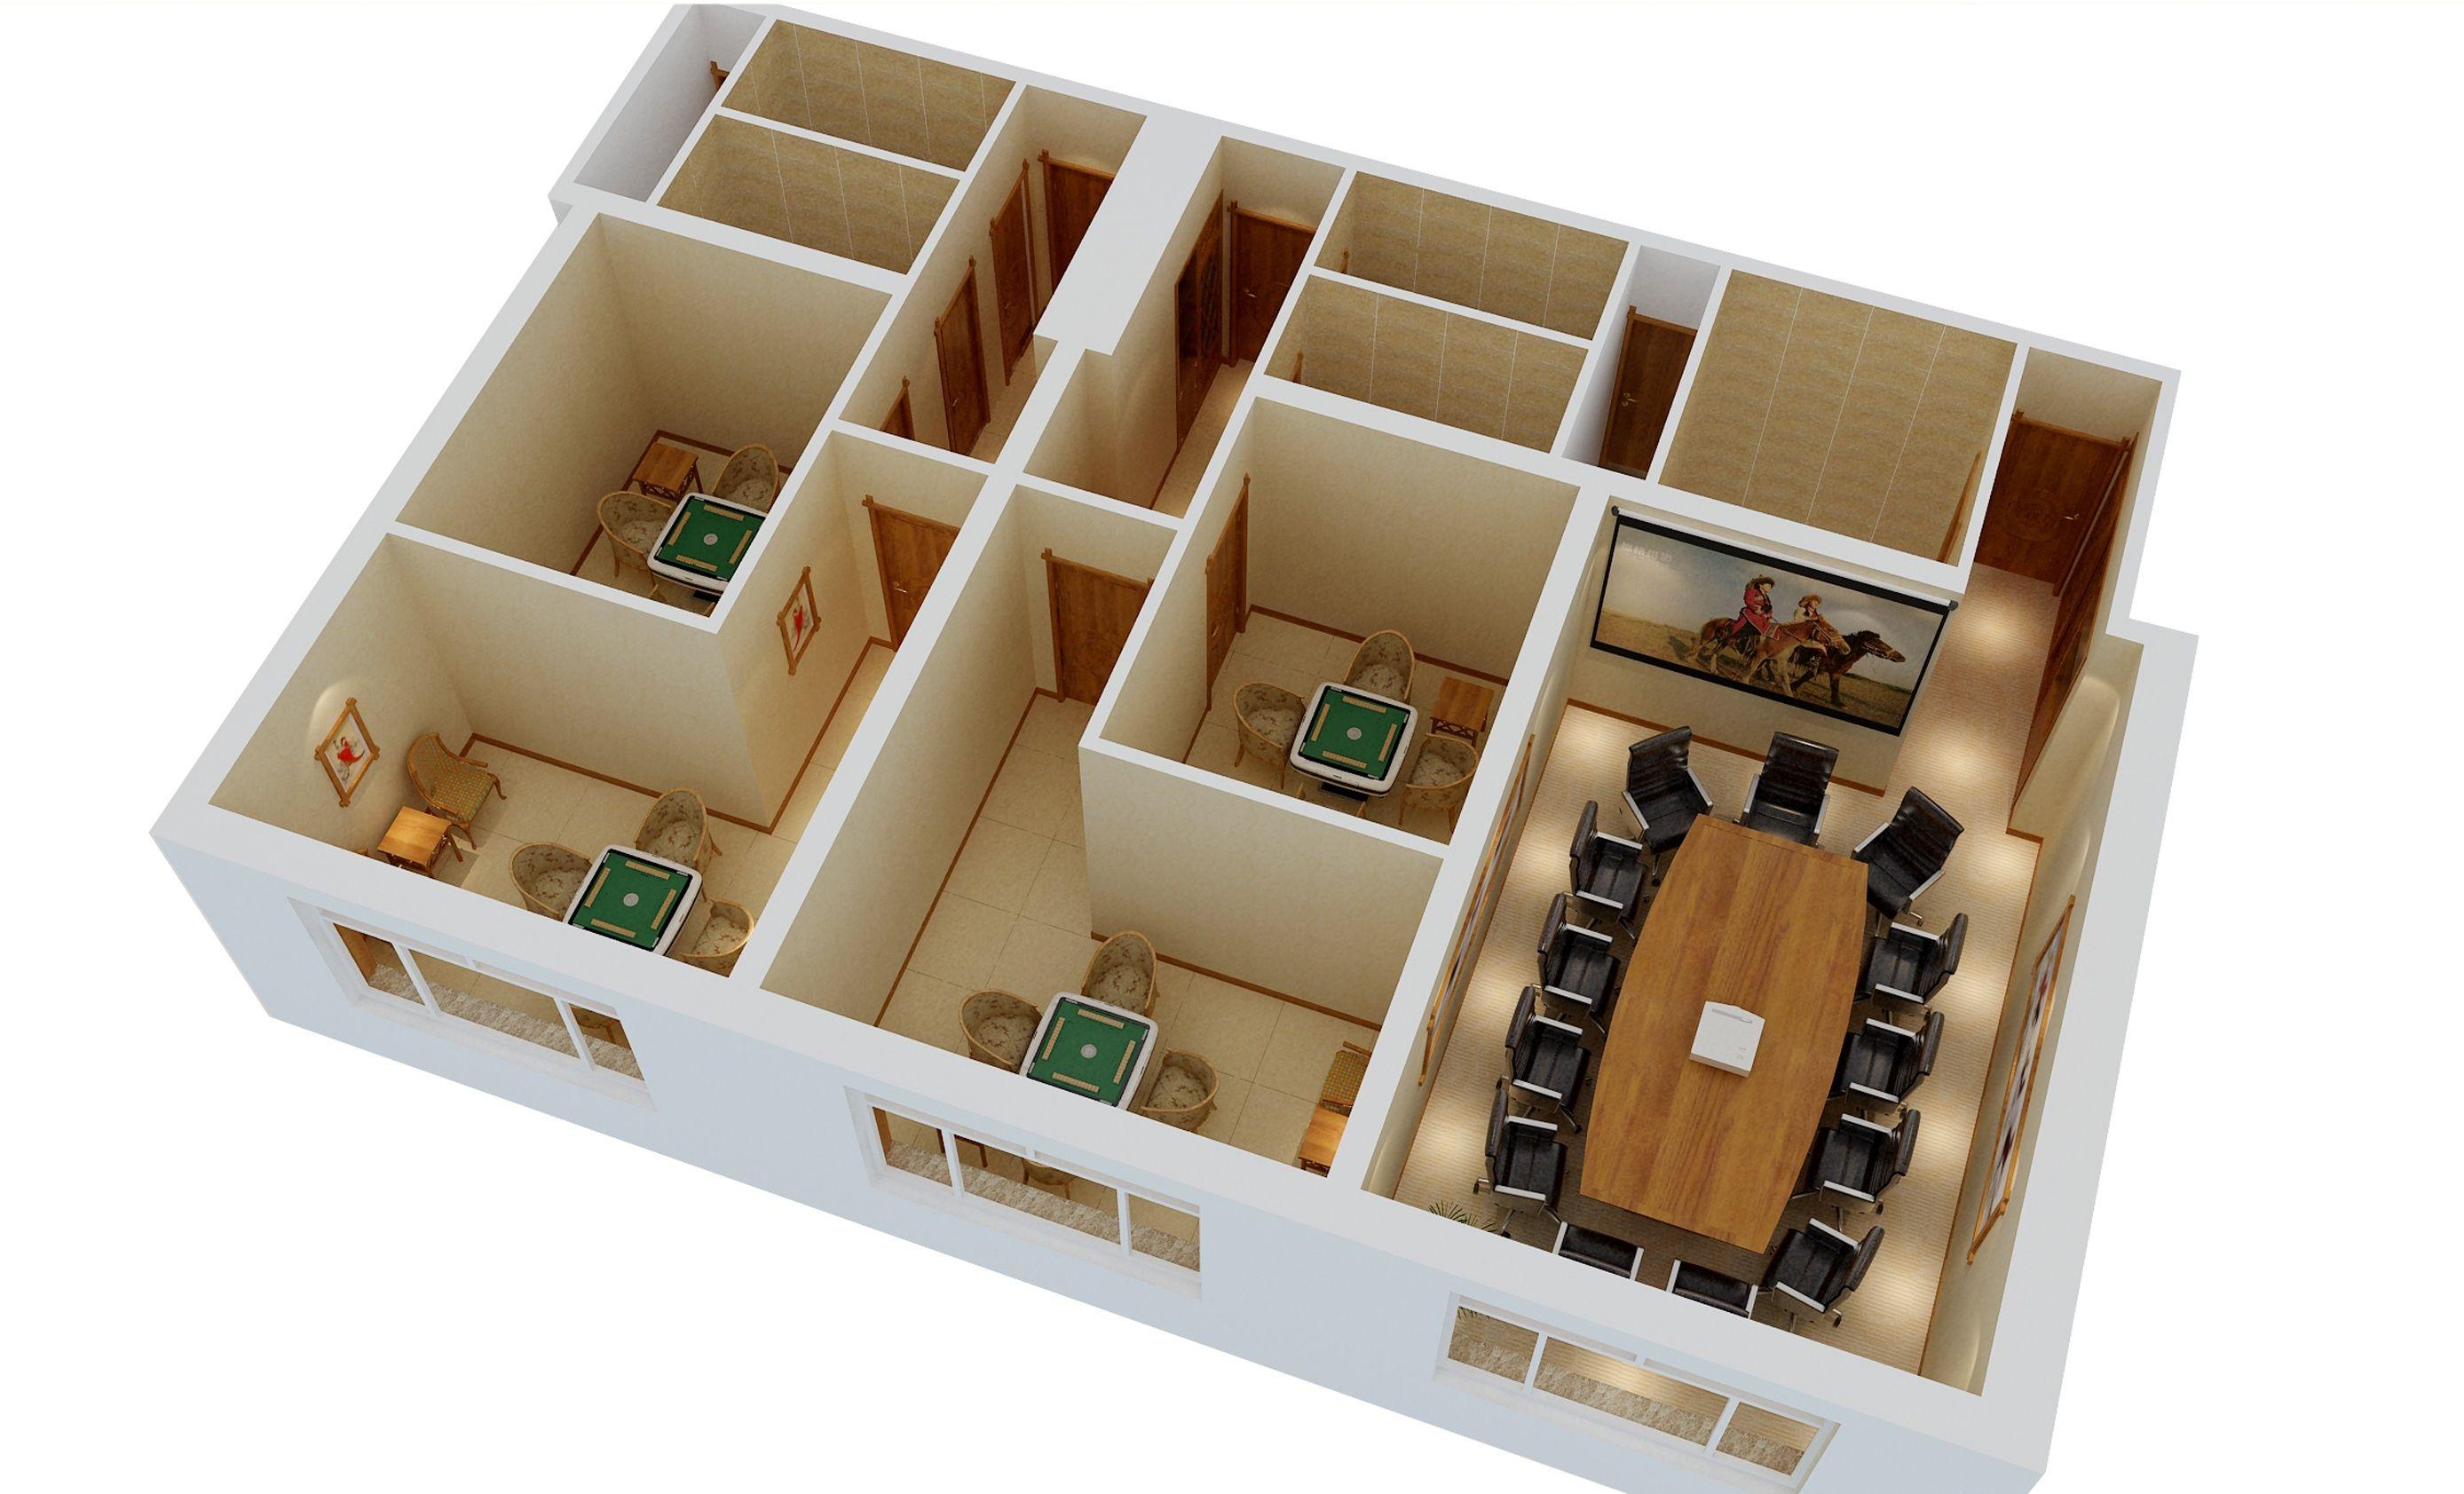 棋牌室会议室透视图二